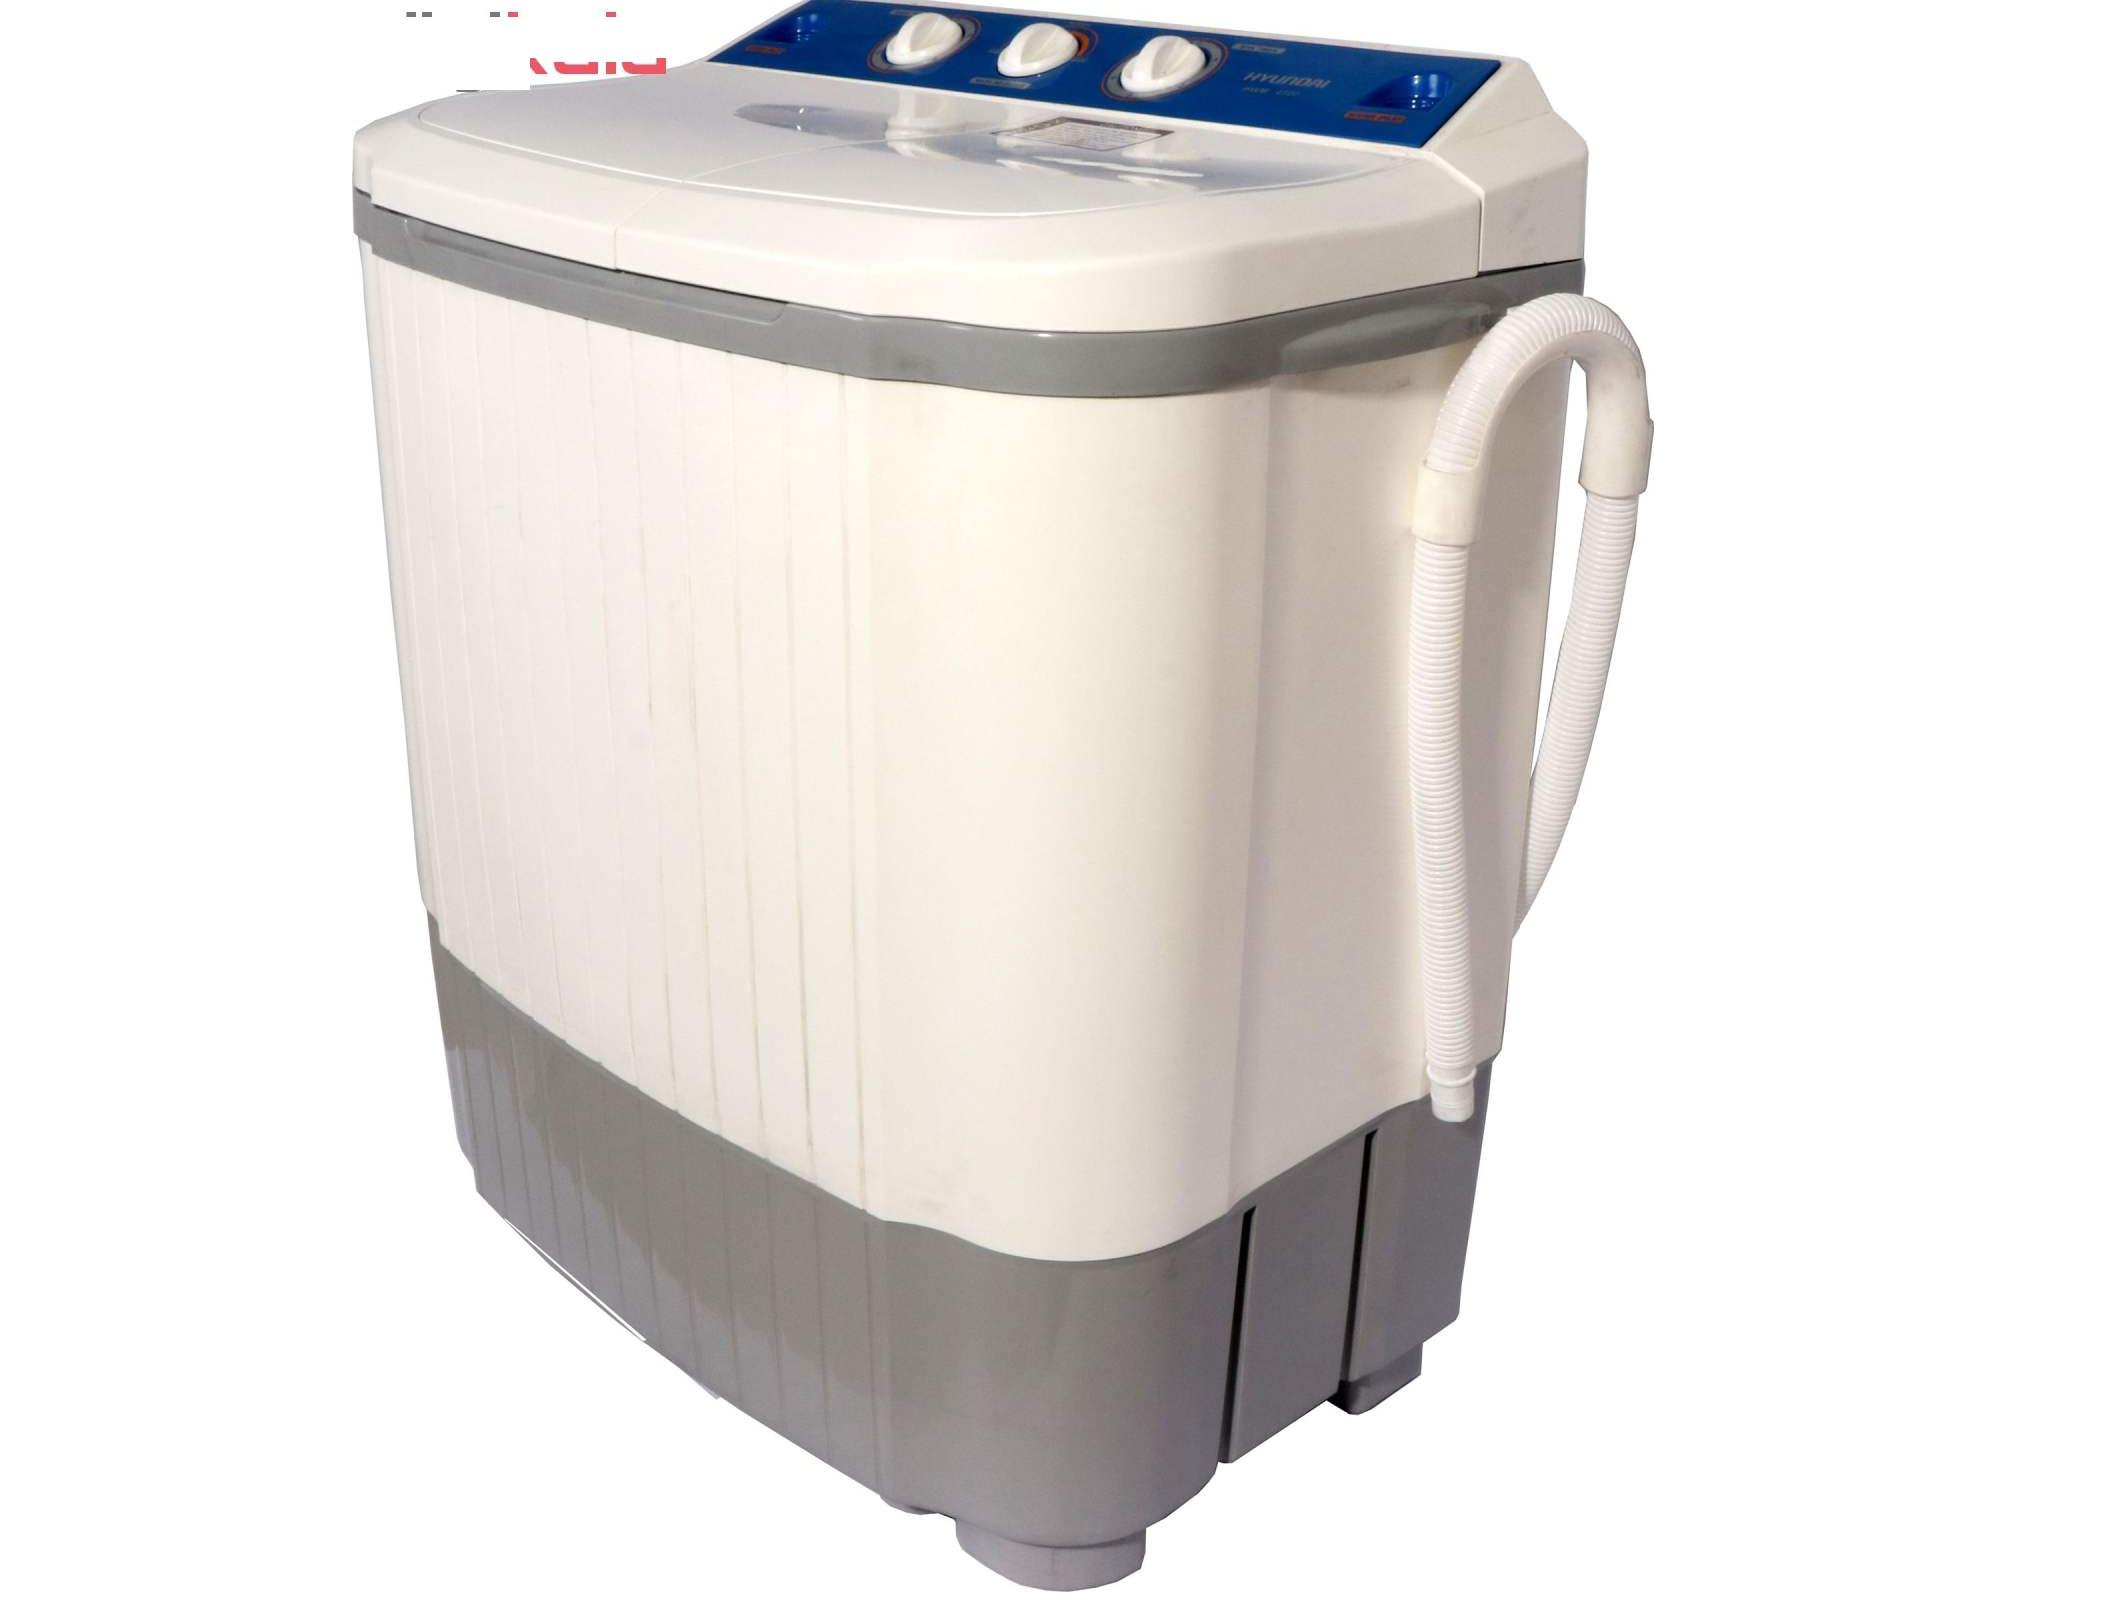 قیمت ماشین لباسشویی هیوندای مدل HWM-4500 ظرفیت 4.5 کیلوگرم